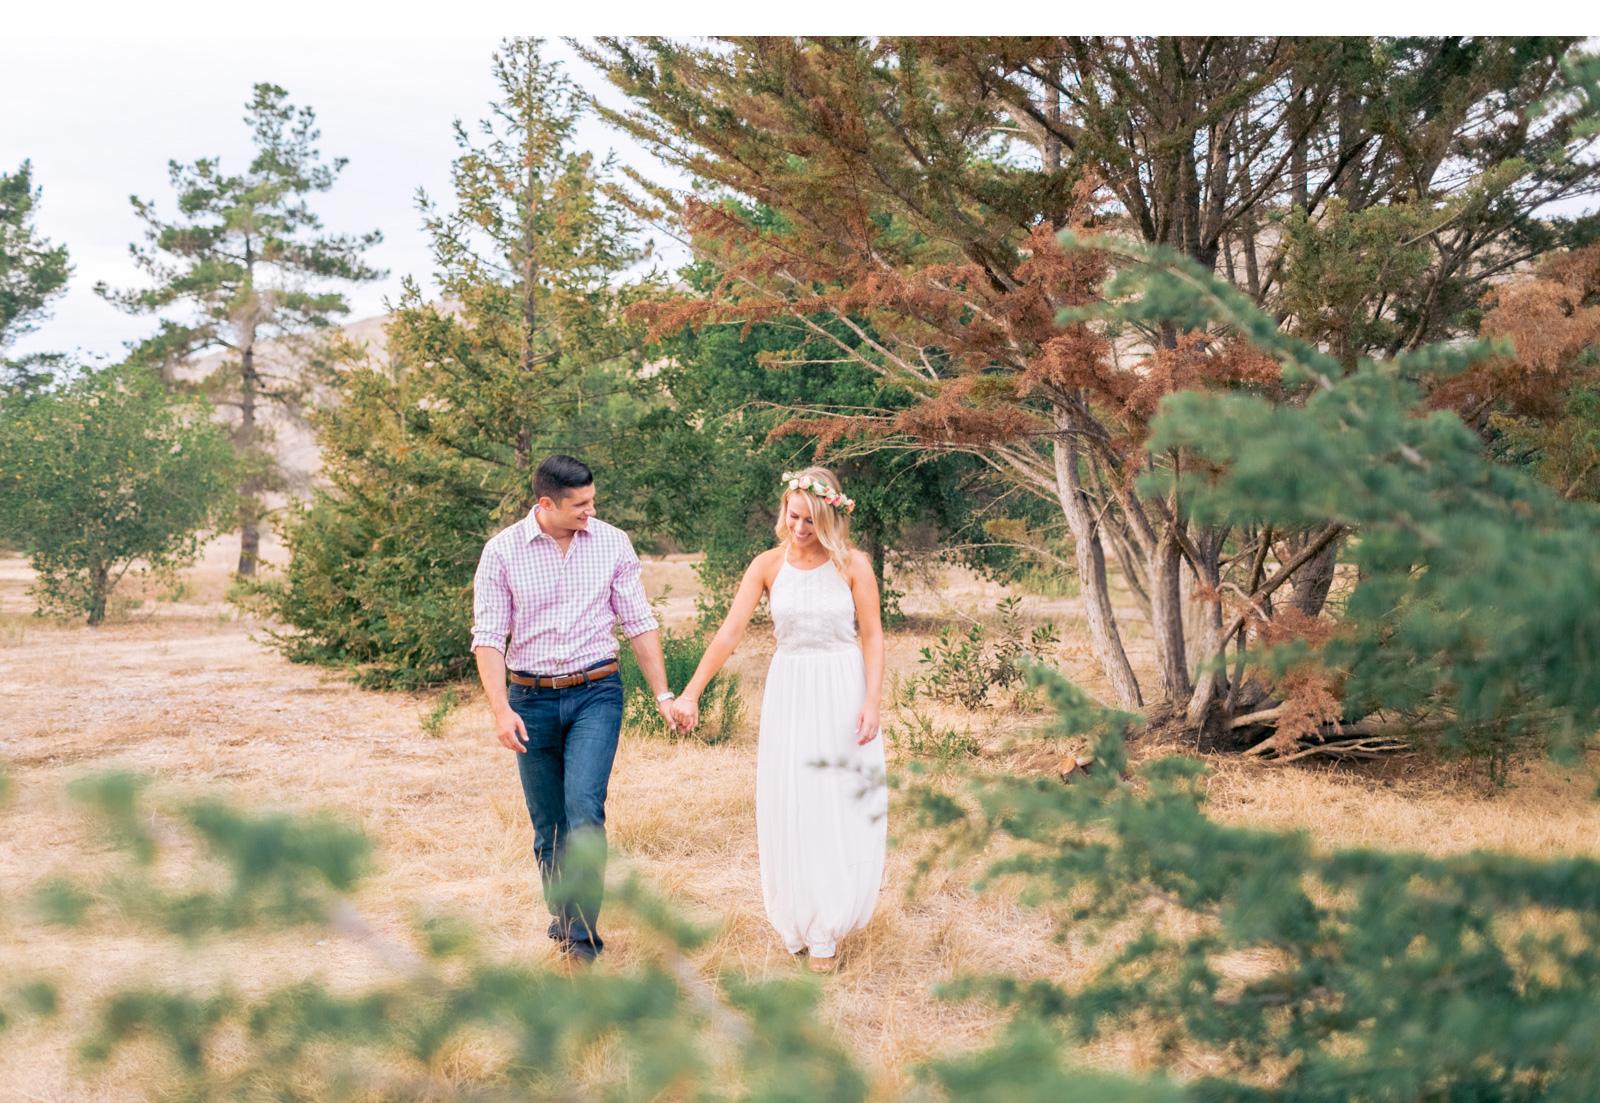 Natalie-Schutt-Photography---Long-Beach-Wedding-Photographer-_05.jpg